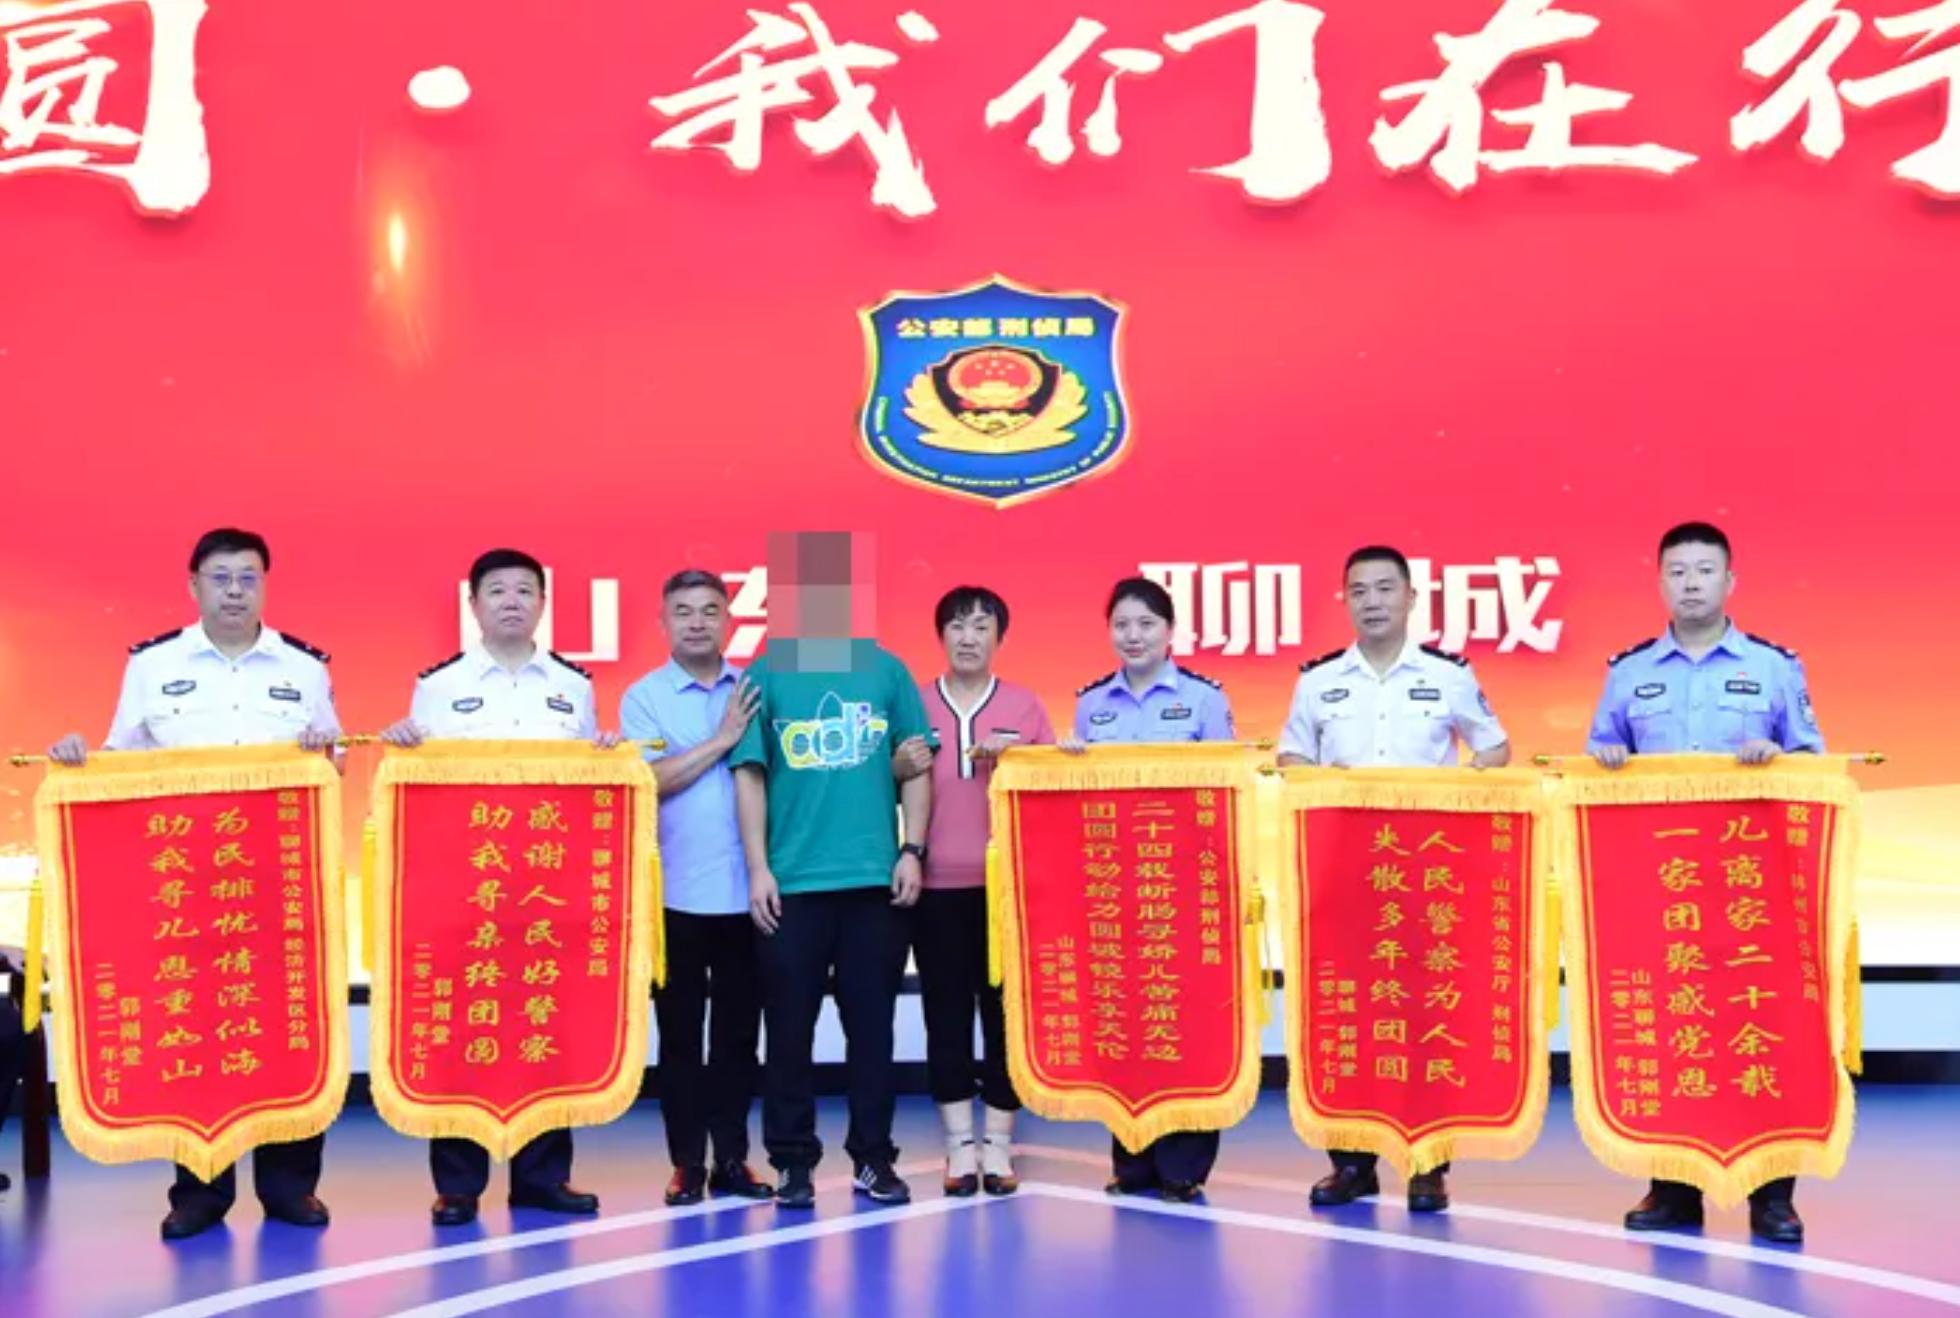 Guo Xinzhen (wajah telah disensor oleh pihak berwajib) berdiri di antara kedua orang tuanya di biro keamanan publik Liaocheng. Foto: Biro Keamanan Publik Liaocheng